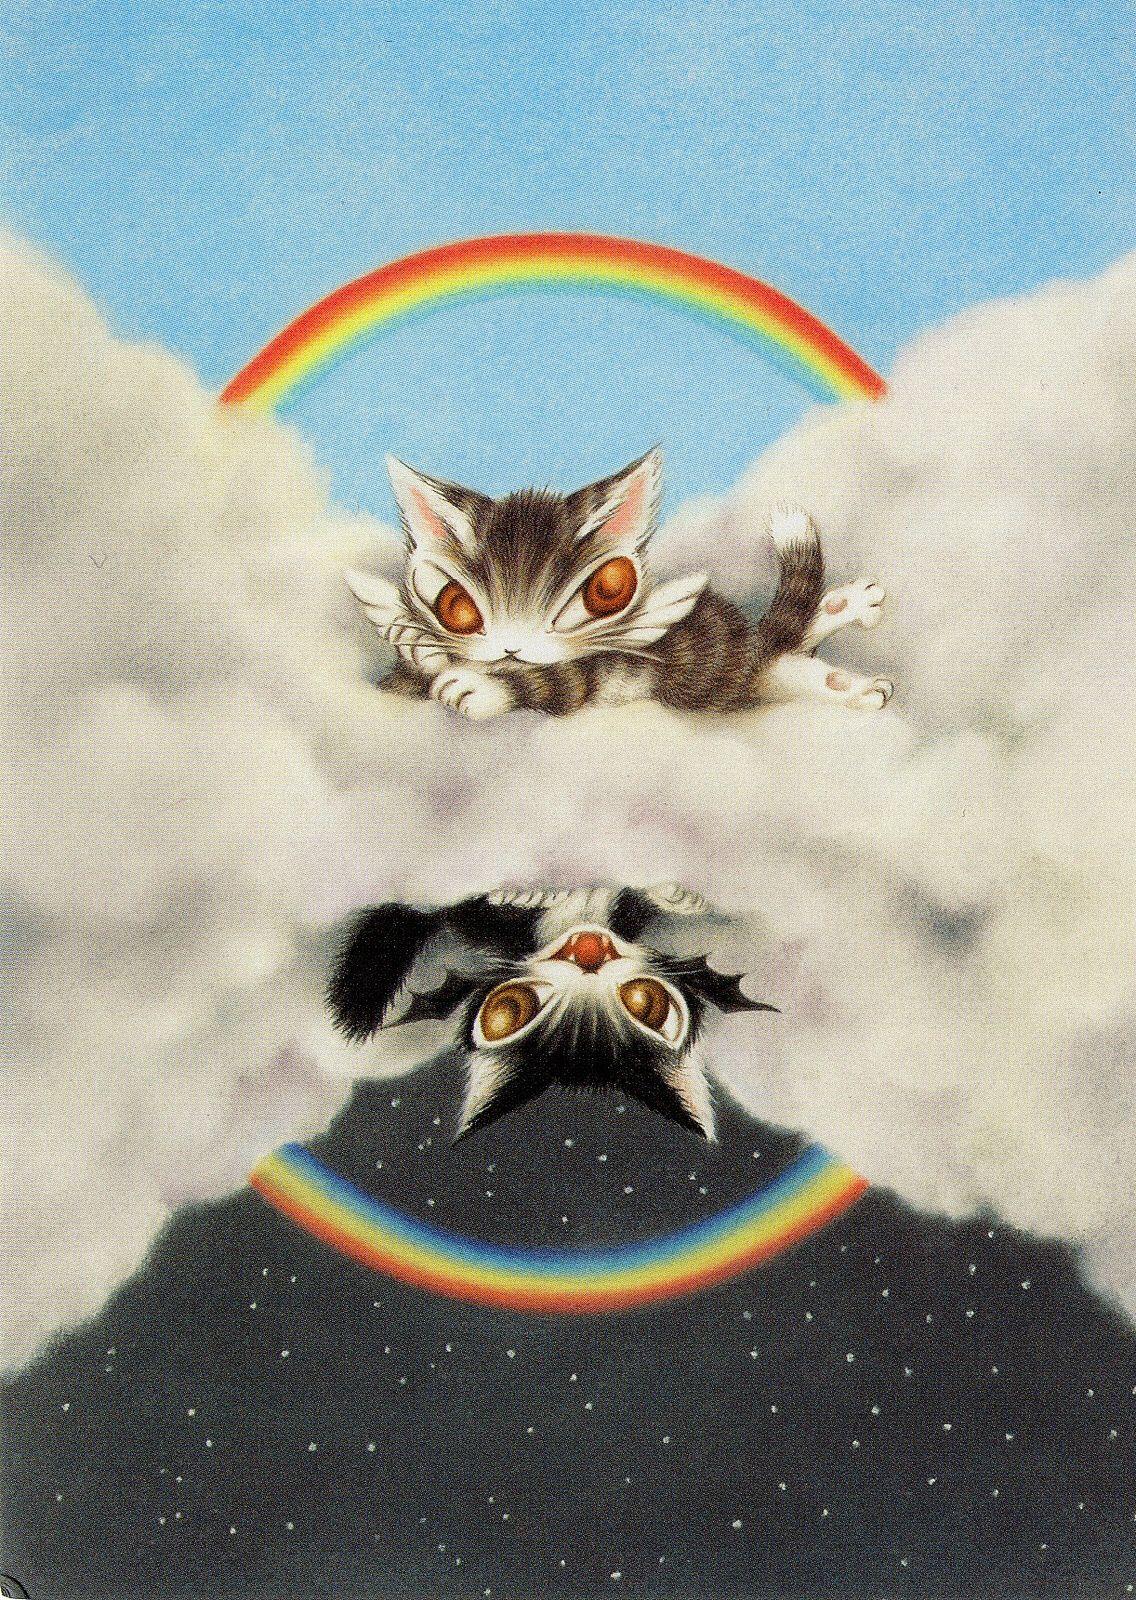 58 件のおすすめ画像 ボード ダヤン キャットアート 猫の